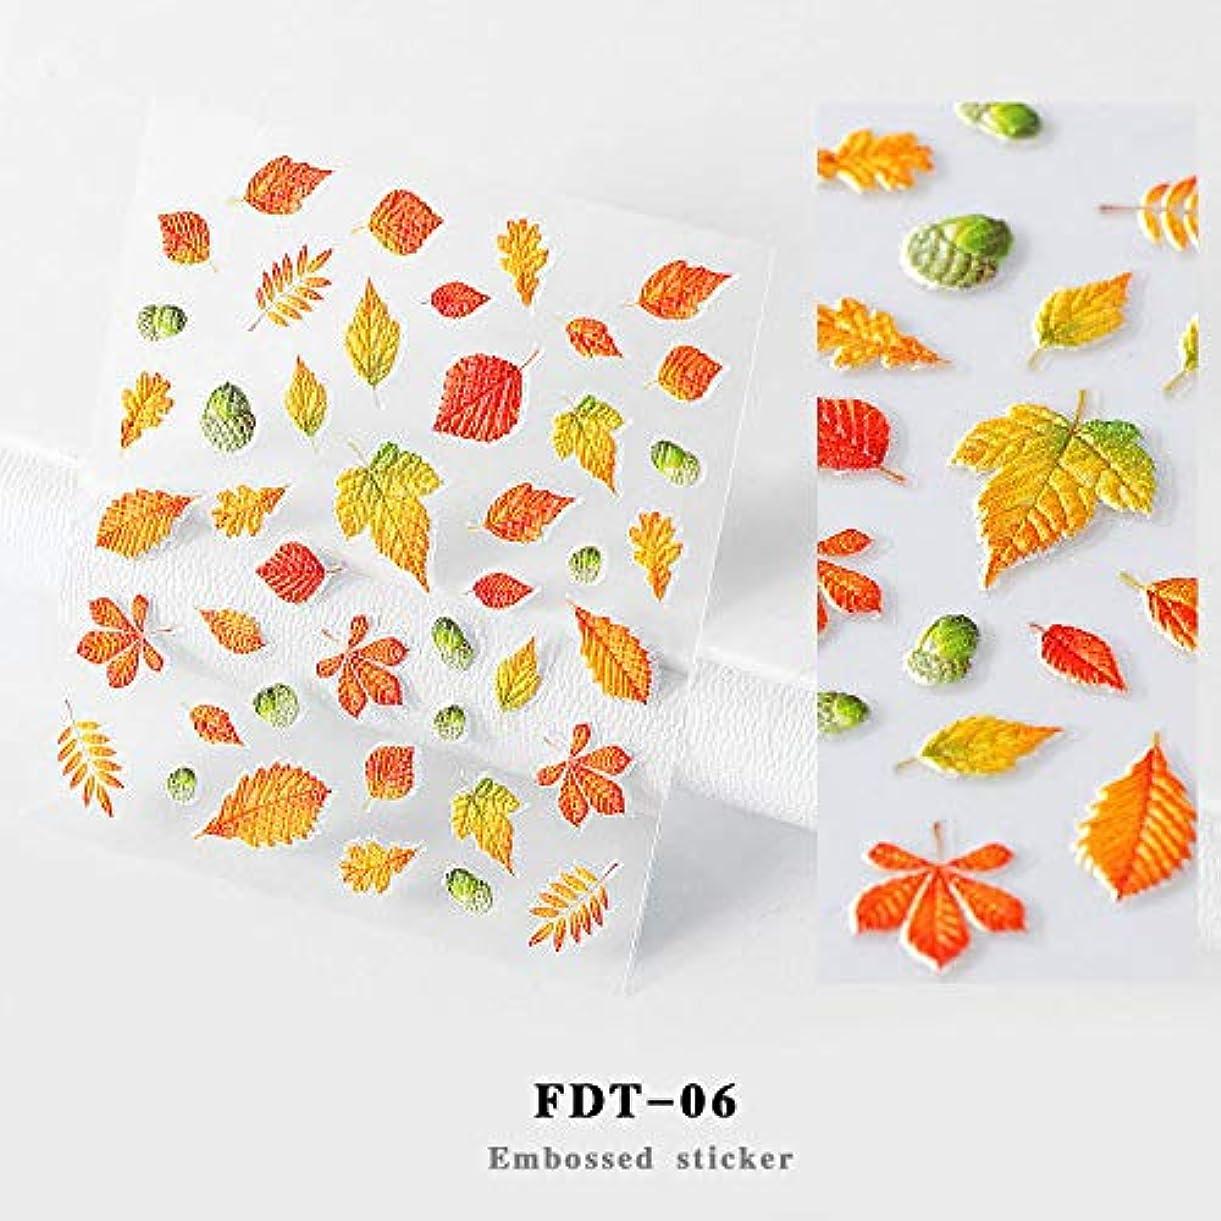 入手しますスケッチ利得Murakush ネイルステッカー 5D アクリル 刻まれる 花の接着剤 DIYネイル エンボス花 デカール ネイル用装飾 可愛い ネイル飾り 通勤 通学 FDT-06